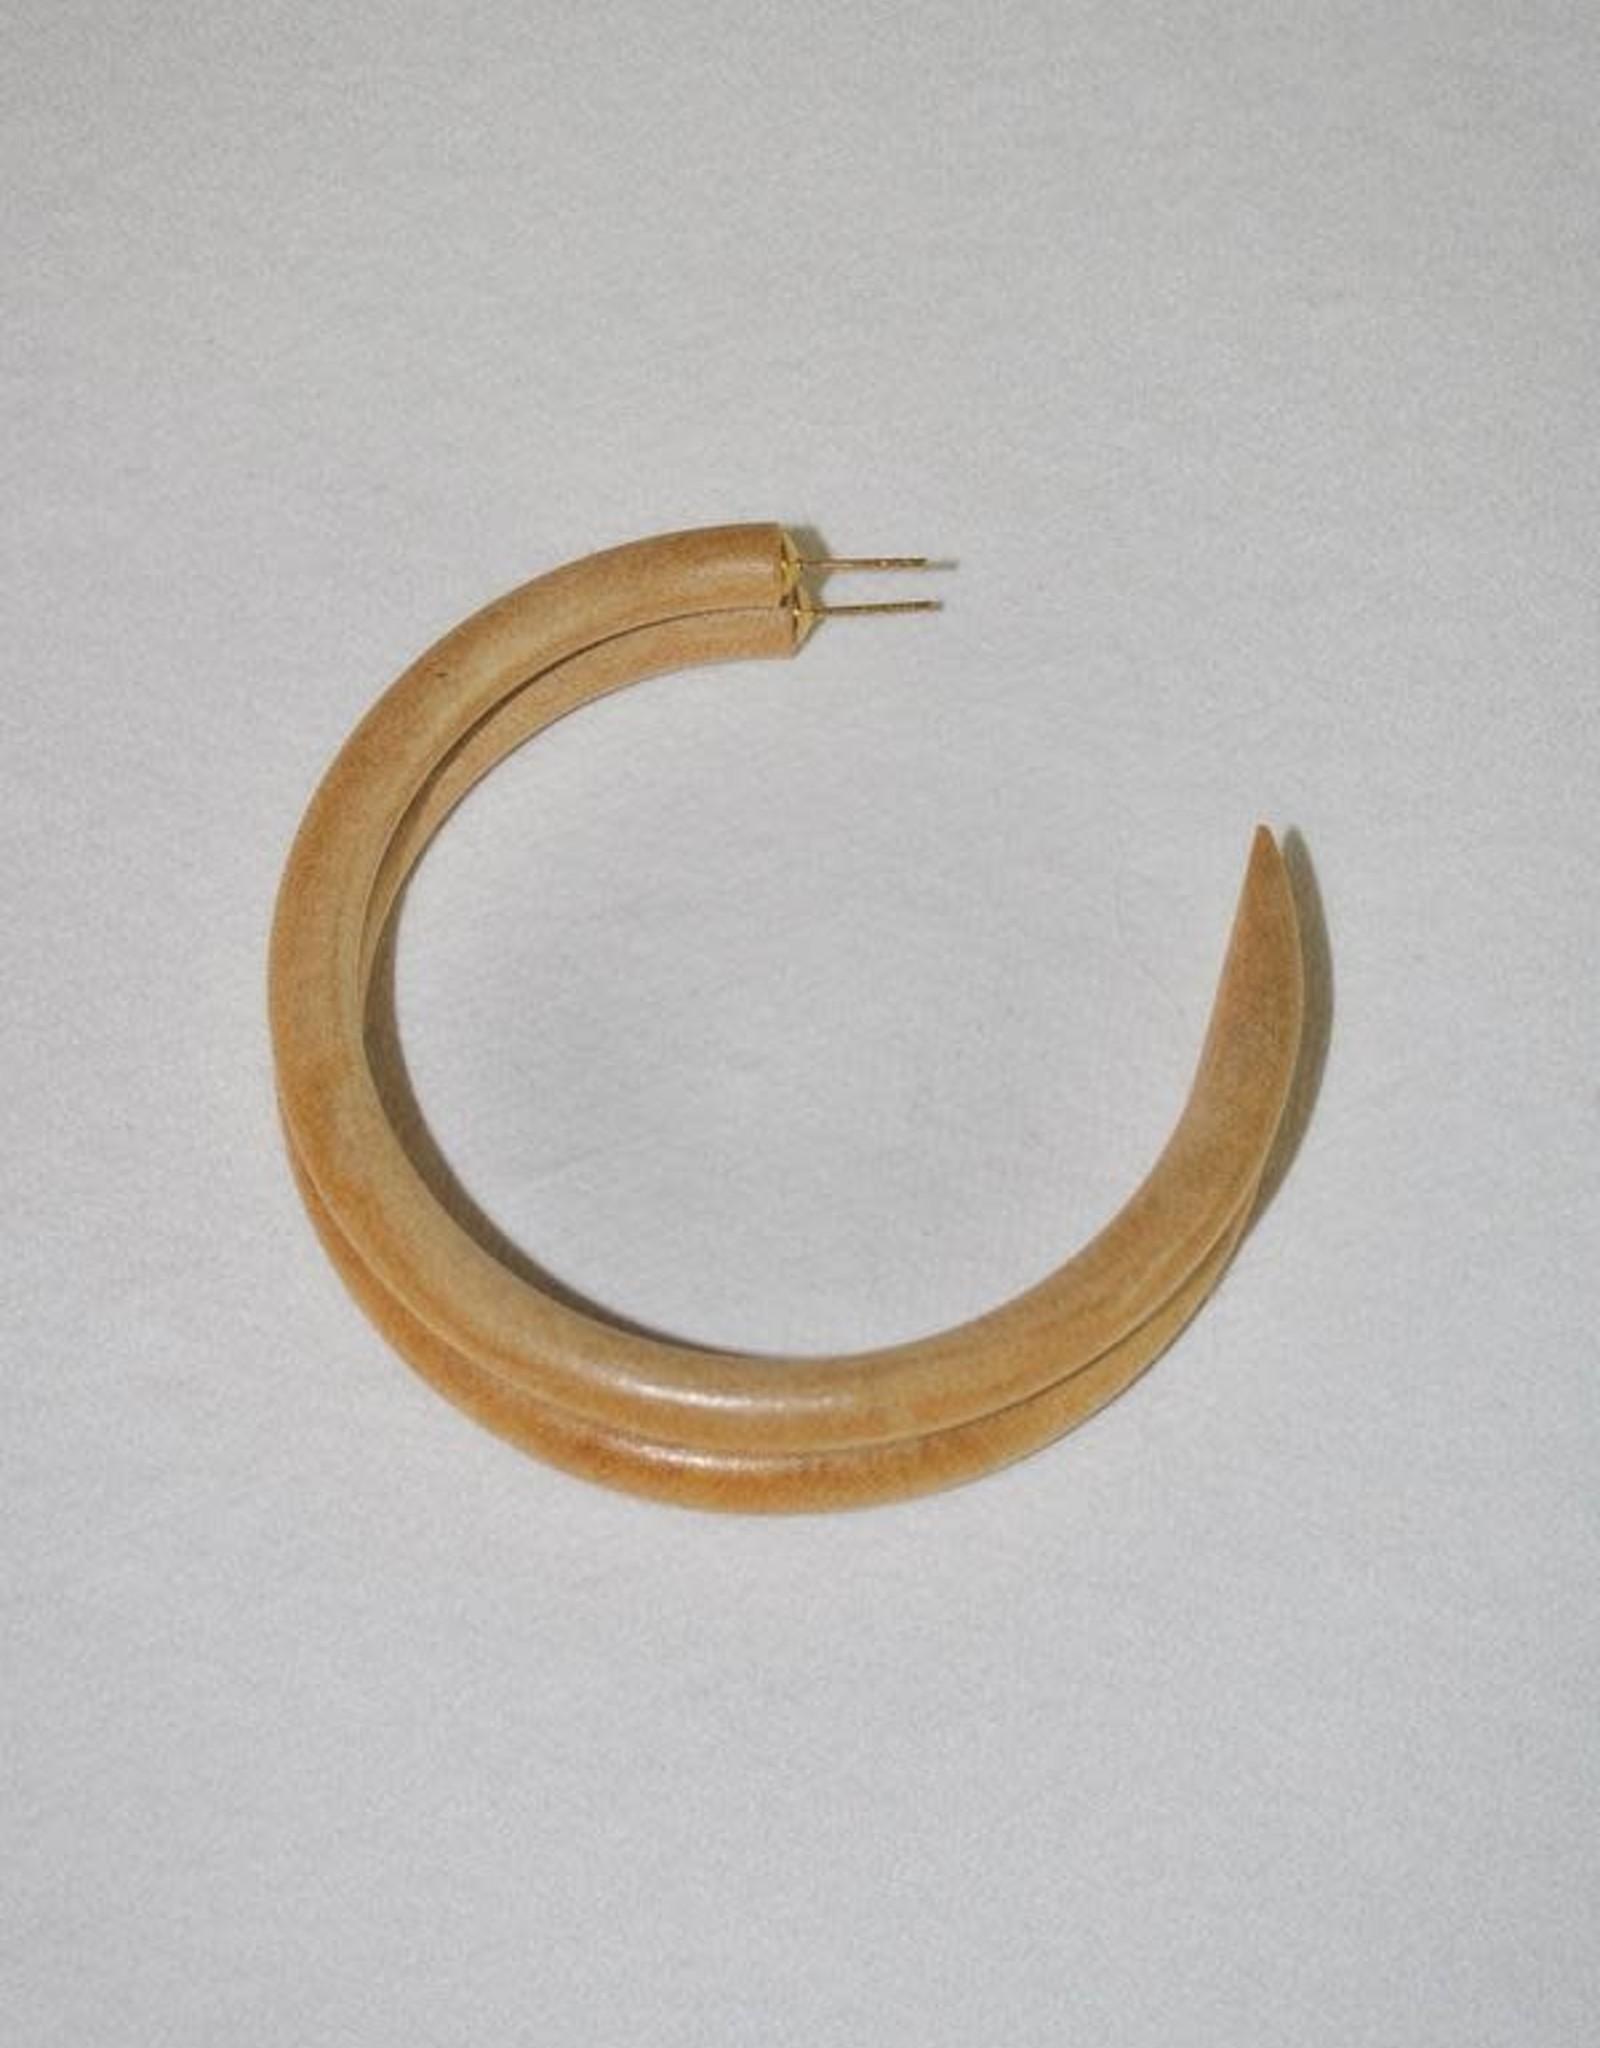 Binky & Lulu Binky & Lulu Large Hoop Earrings